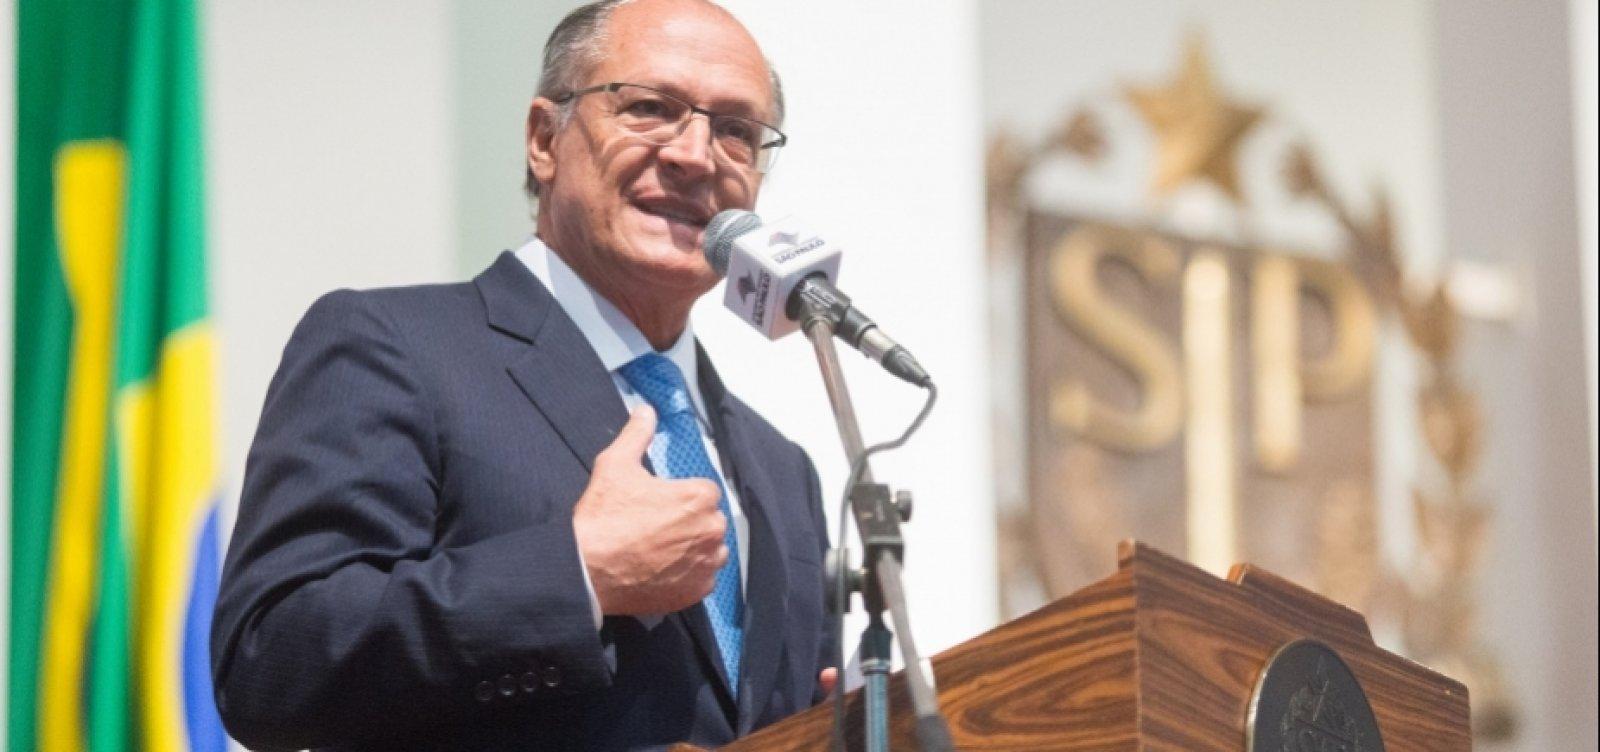 Justiça bloqueia bens de Alckmin em ação sobre repasses da Odebrecht